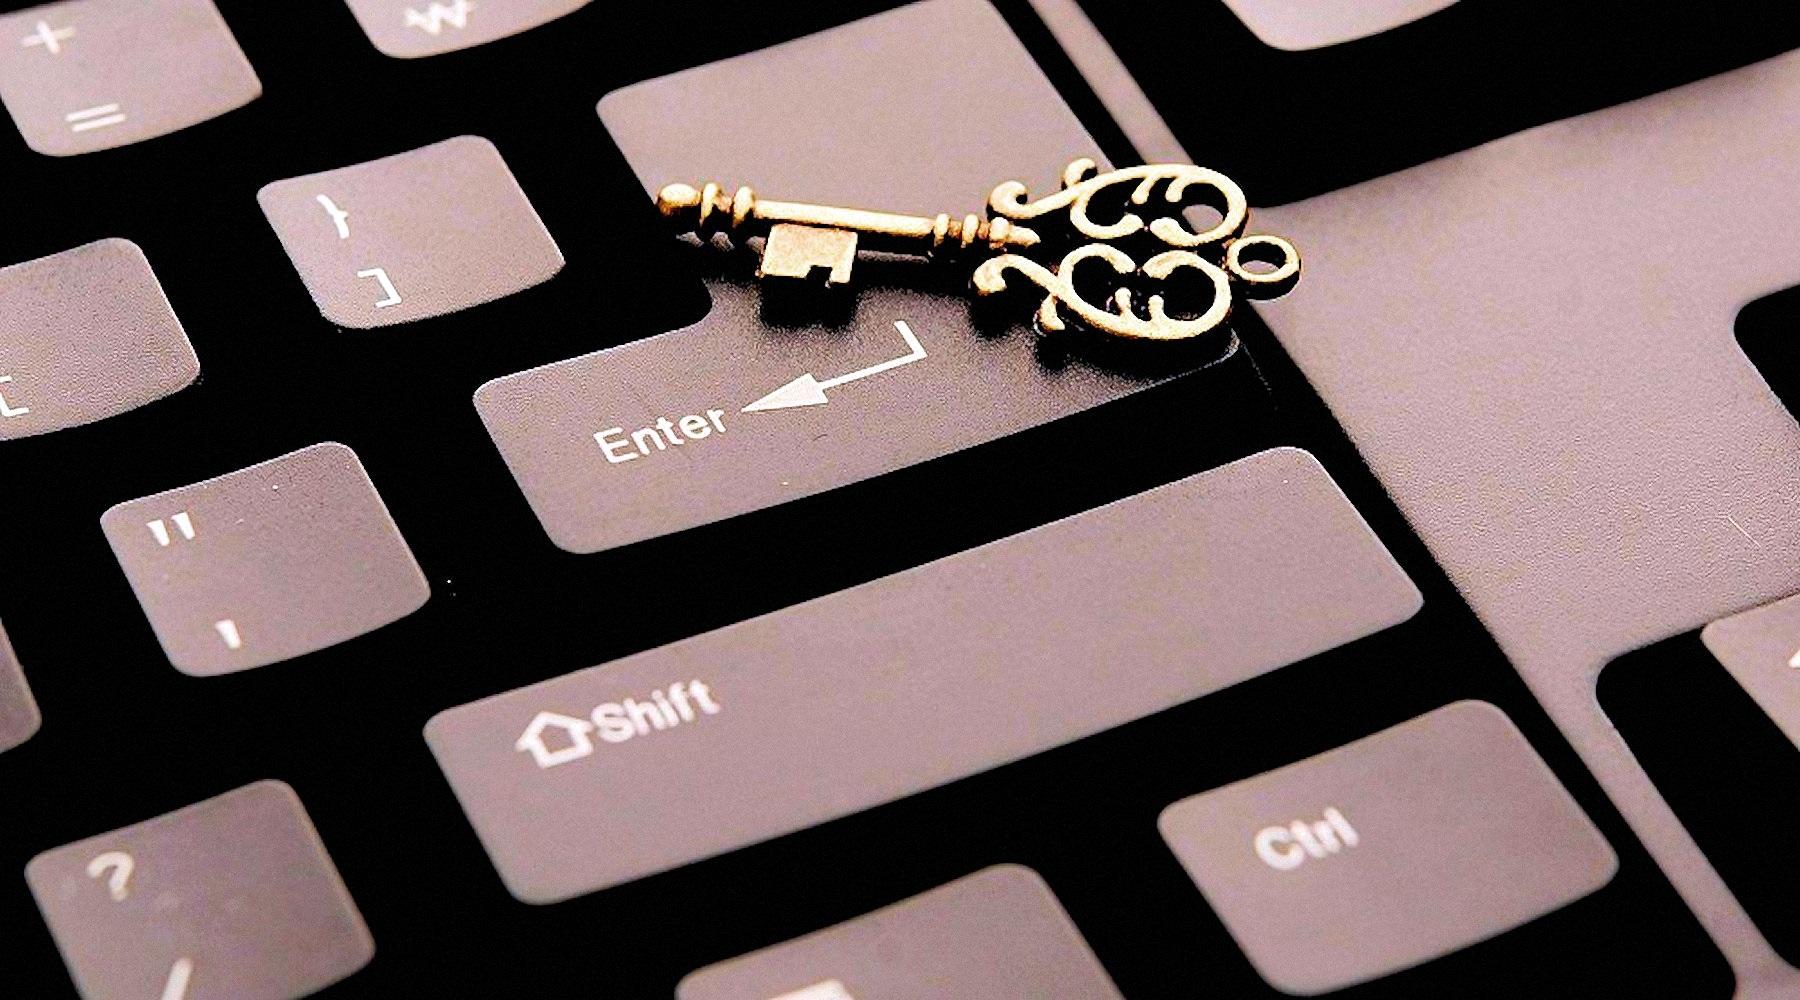 00 computer keyboard 160816